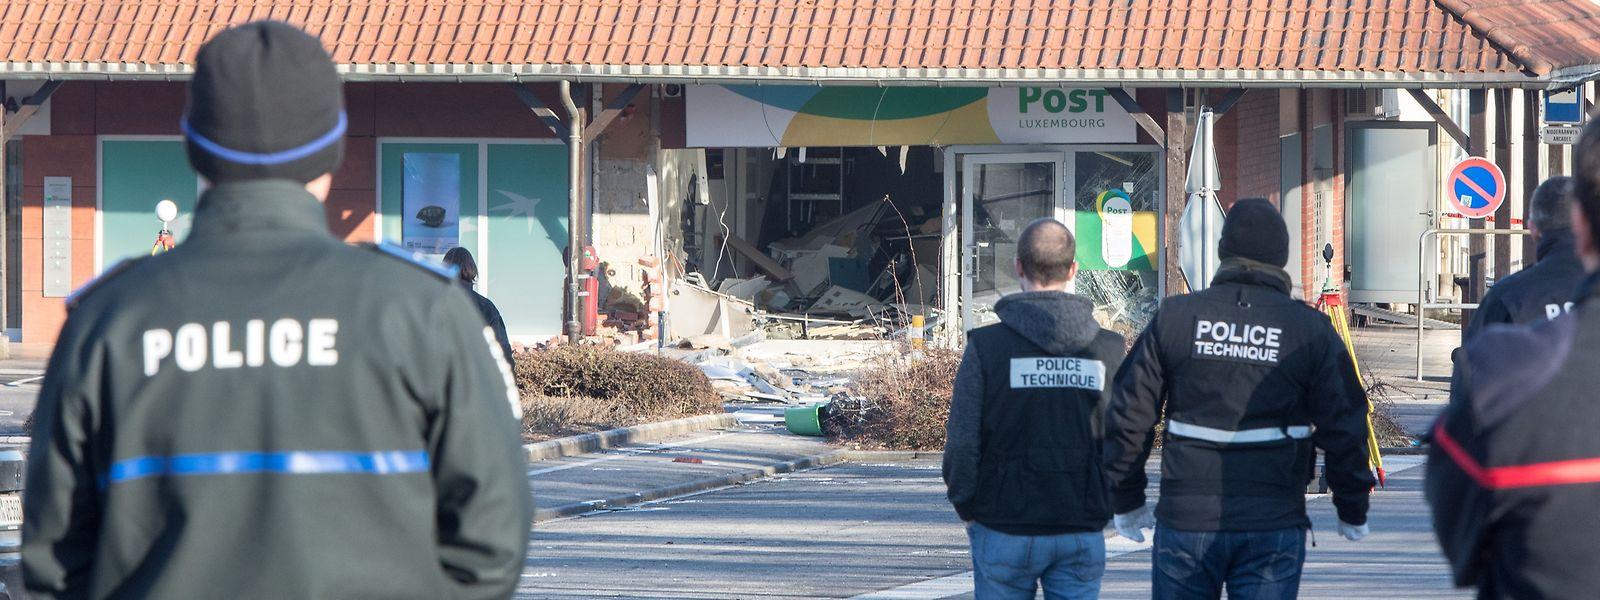 Niederanven am 21. März 2018: Ein Bild der Zerstörung, das sich binnen Monaten mehrfach wiederholen wird.